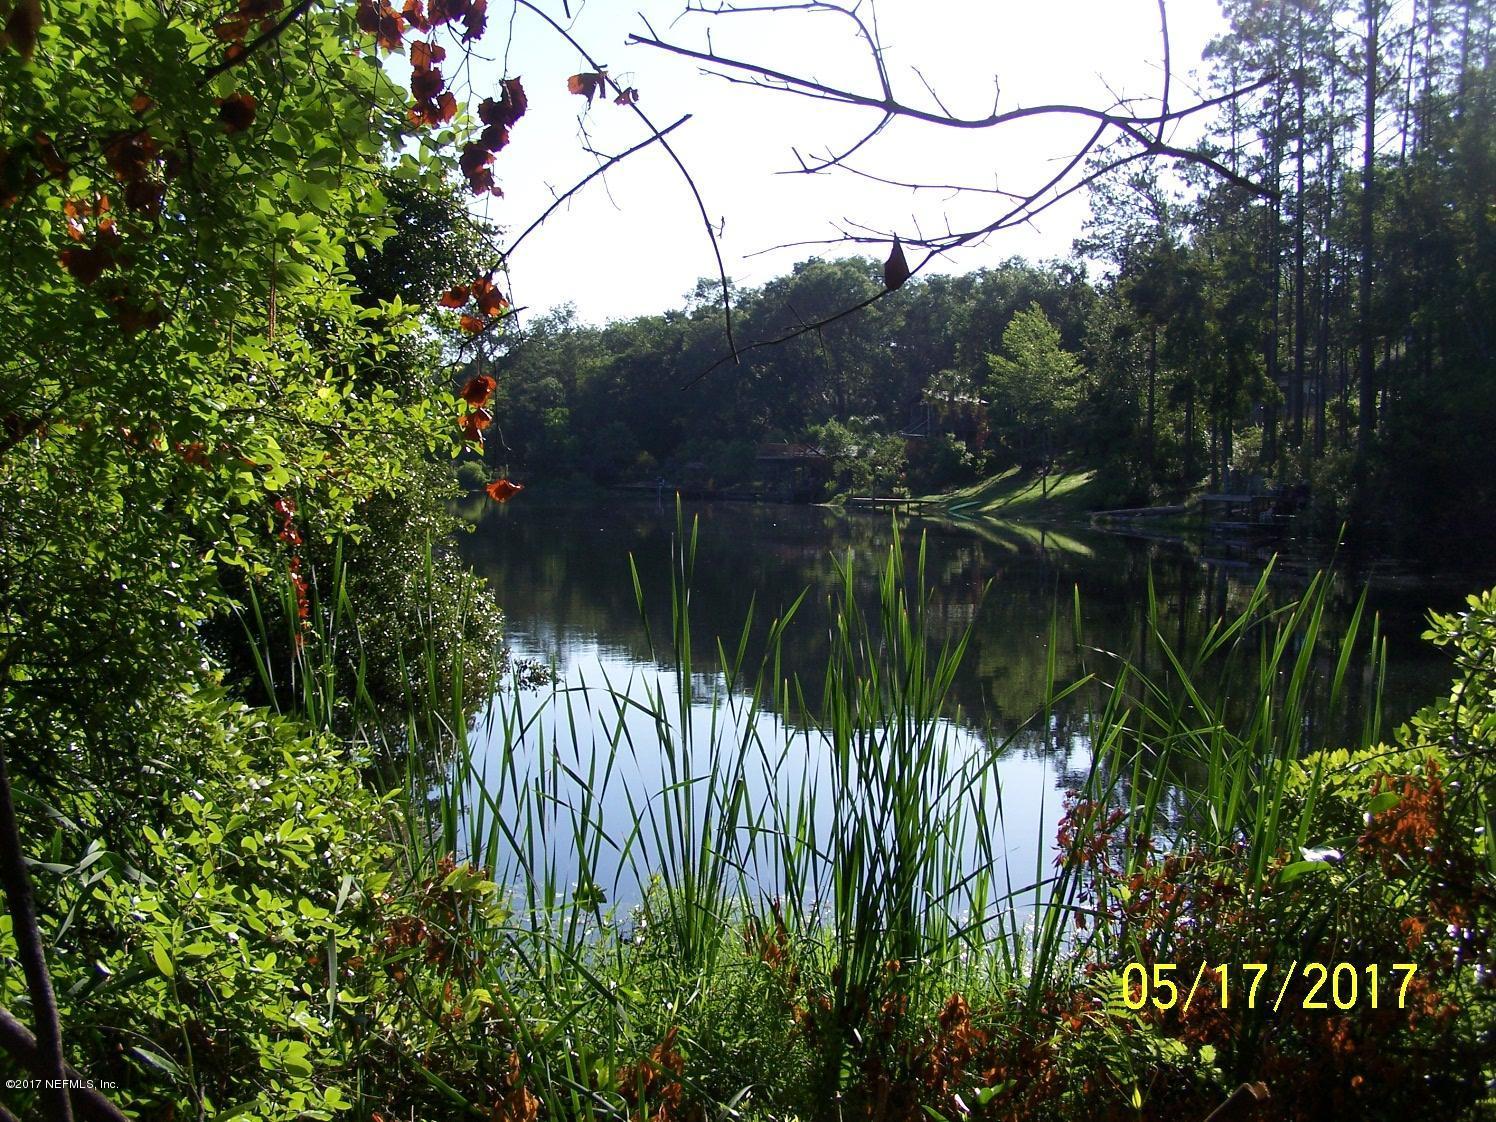 704 LAKE ASBURY DR GREEN COVE SPRINGS, FL 32043 882236